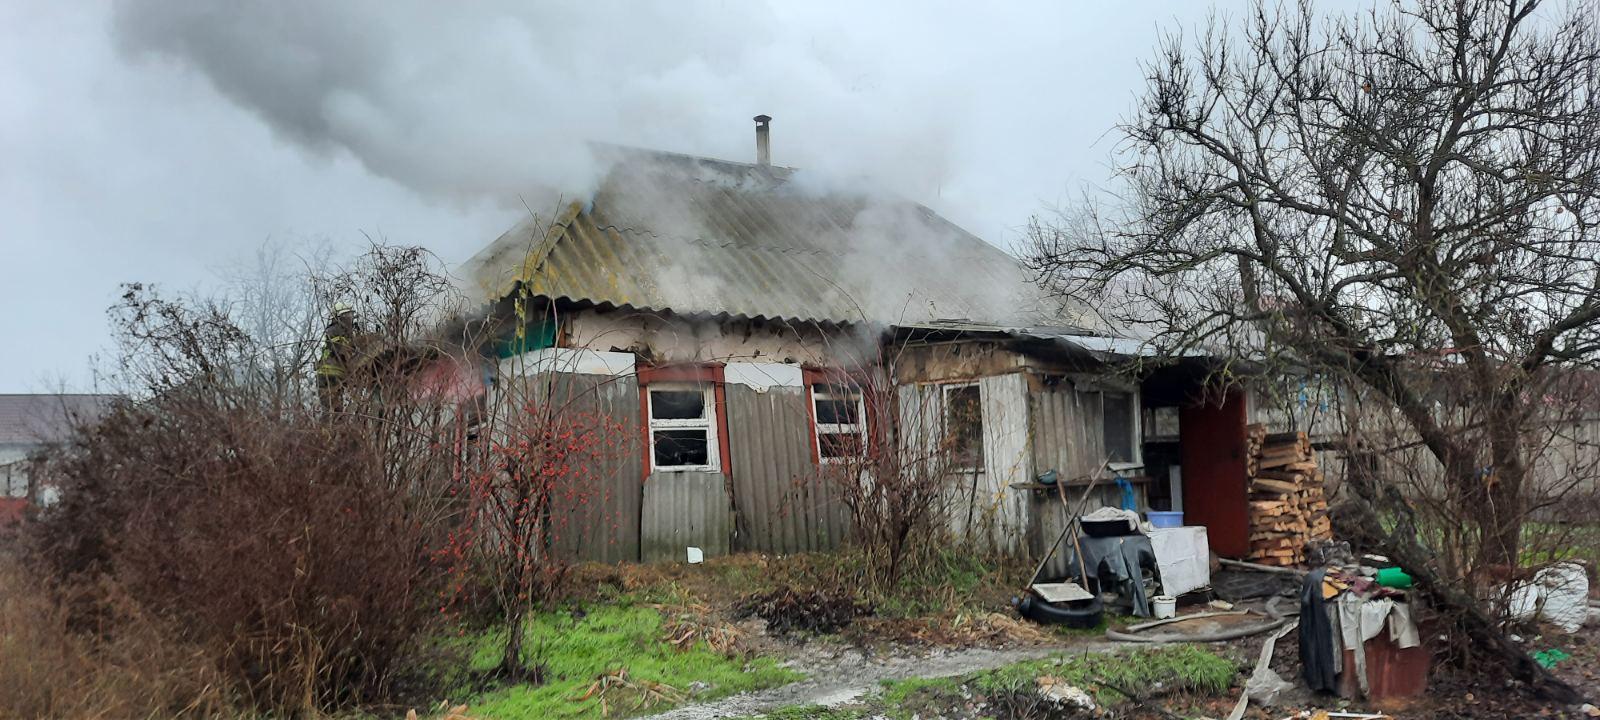 Дві пожежі за добу: у Борисполі горіли лазня та будинок - пожежа будинку, лазня, загорання - 23233 1